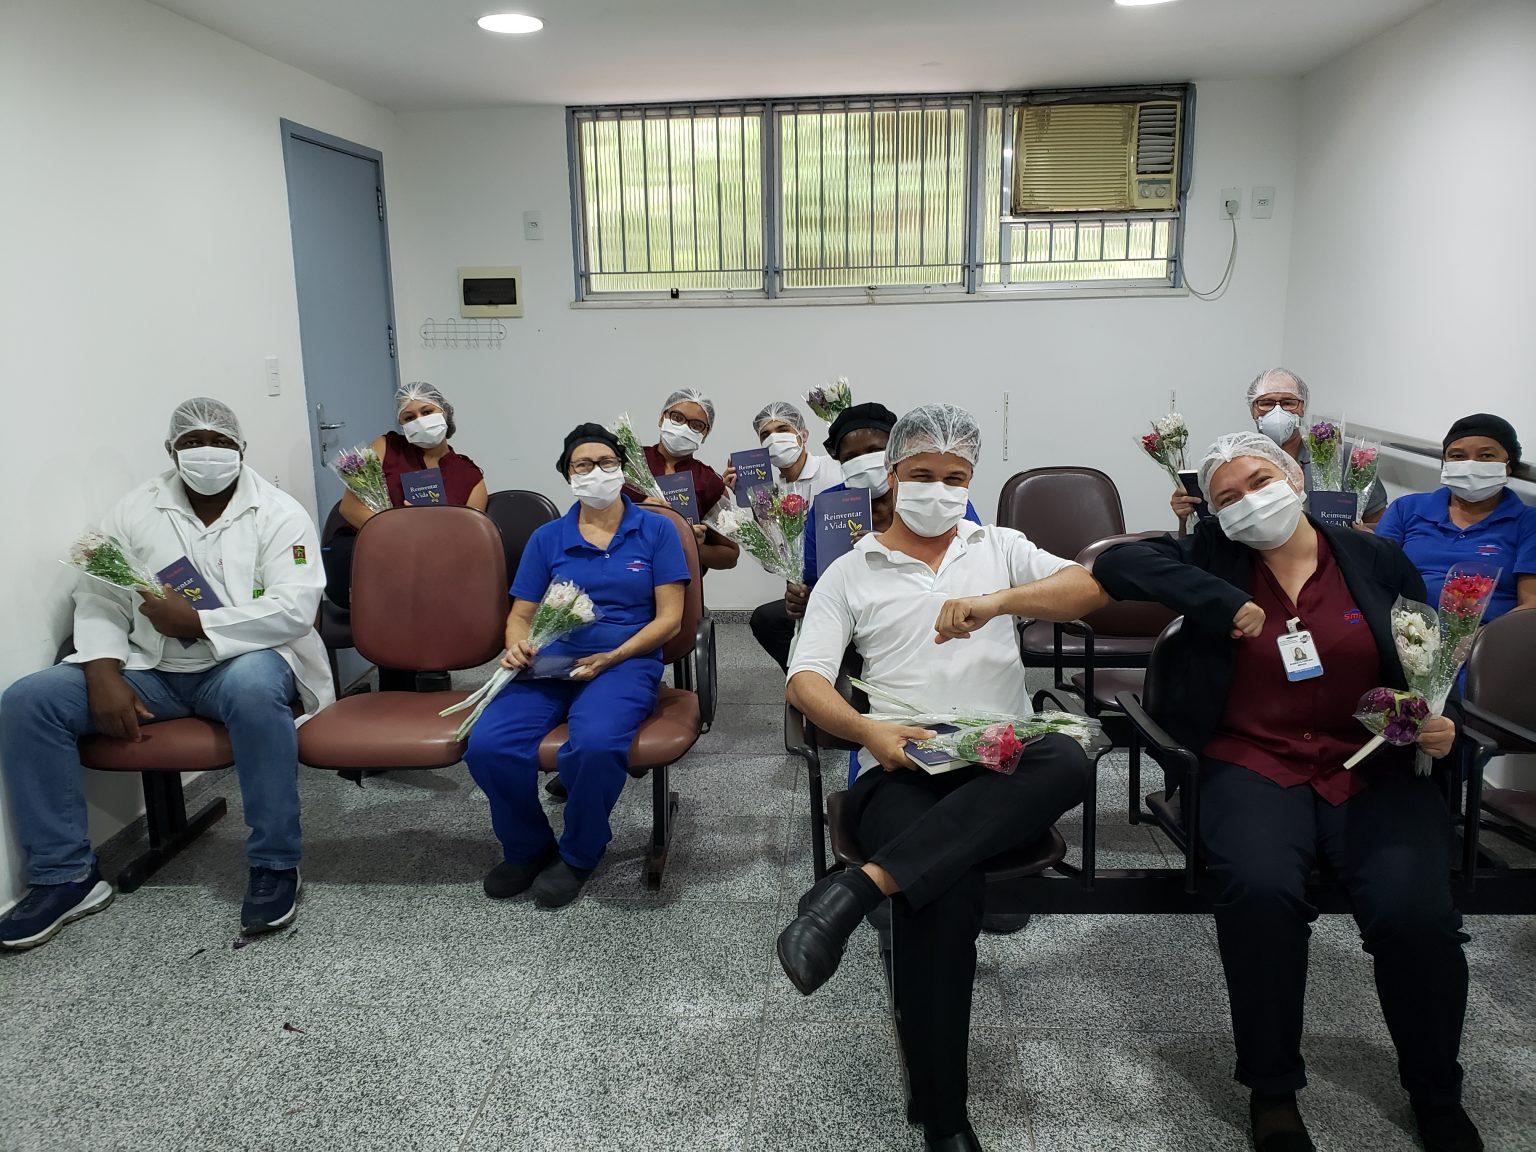 pandemia 7